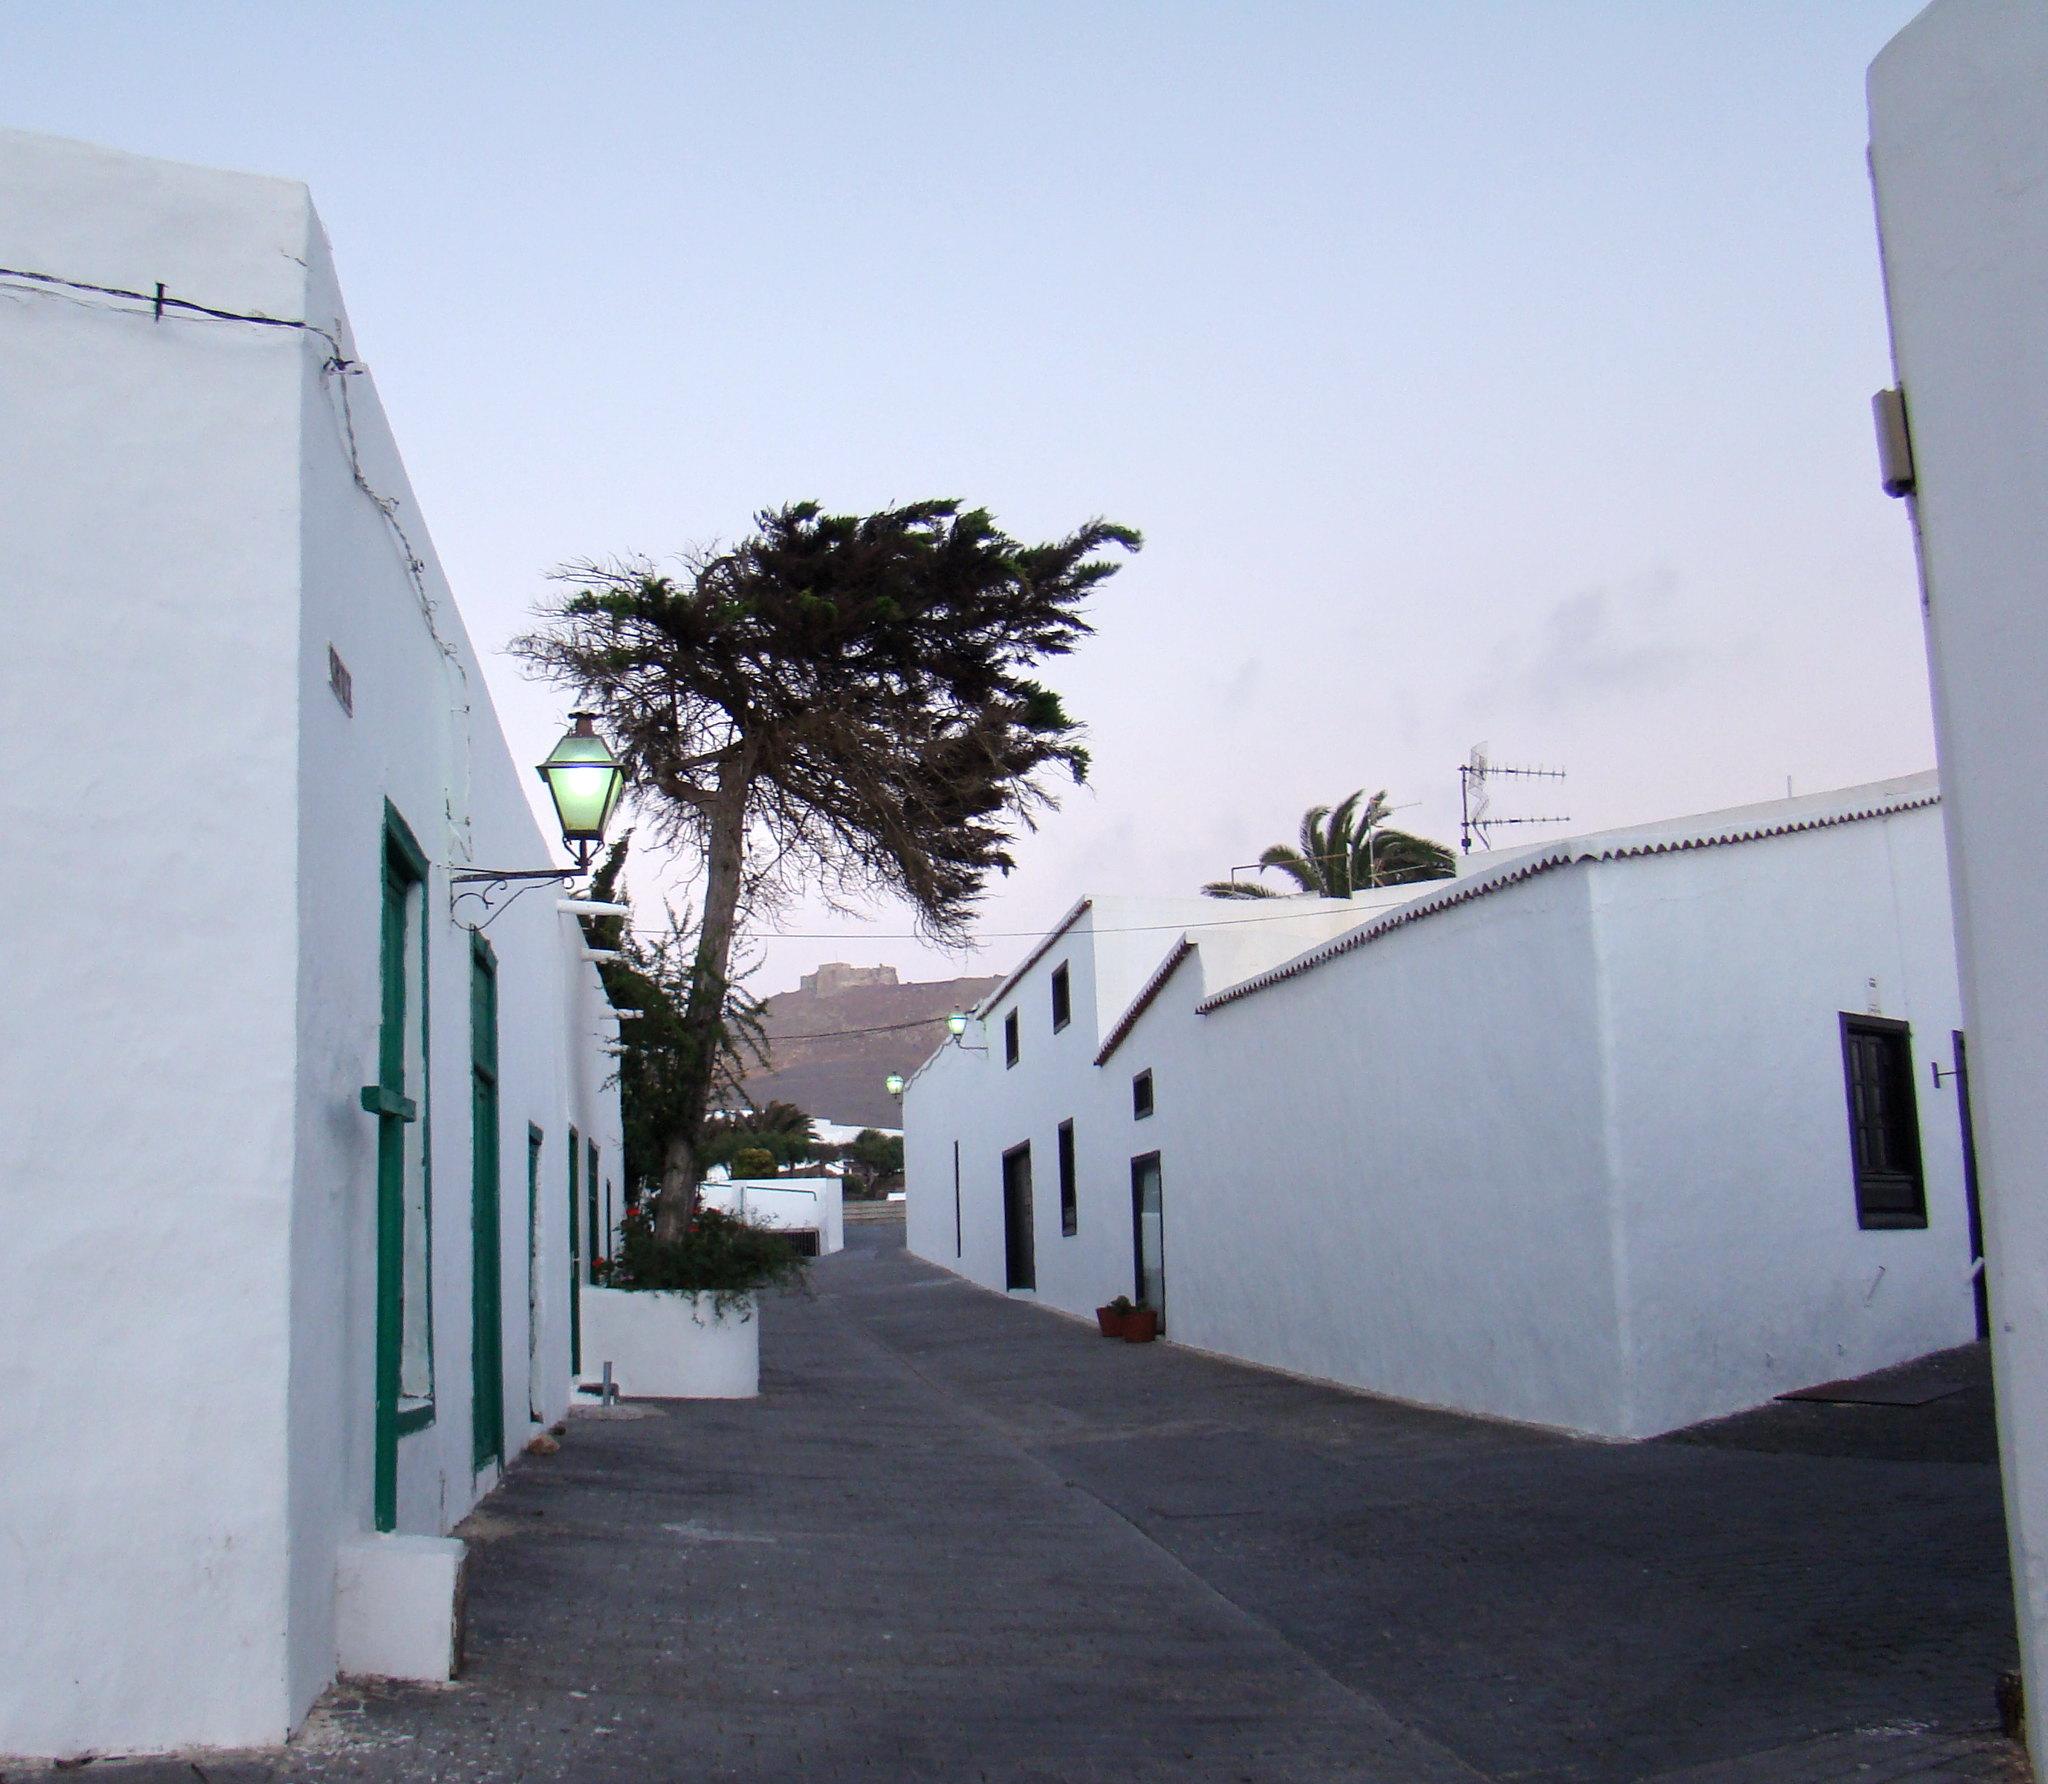 calle Villa de Teguise y vista del Castillo de Santa Barbara Lanzarote